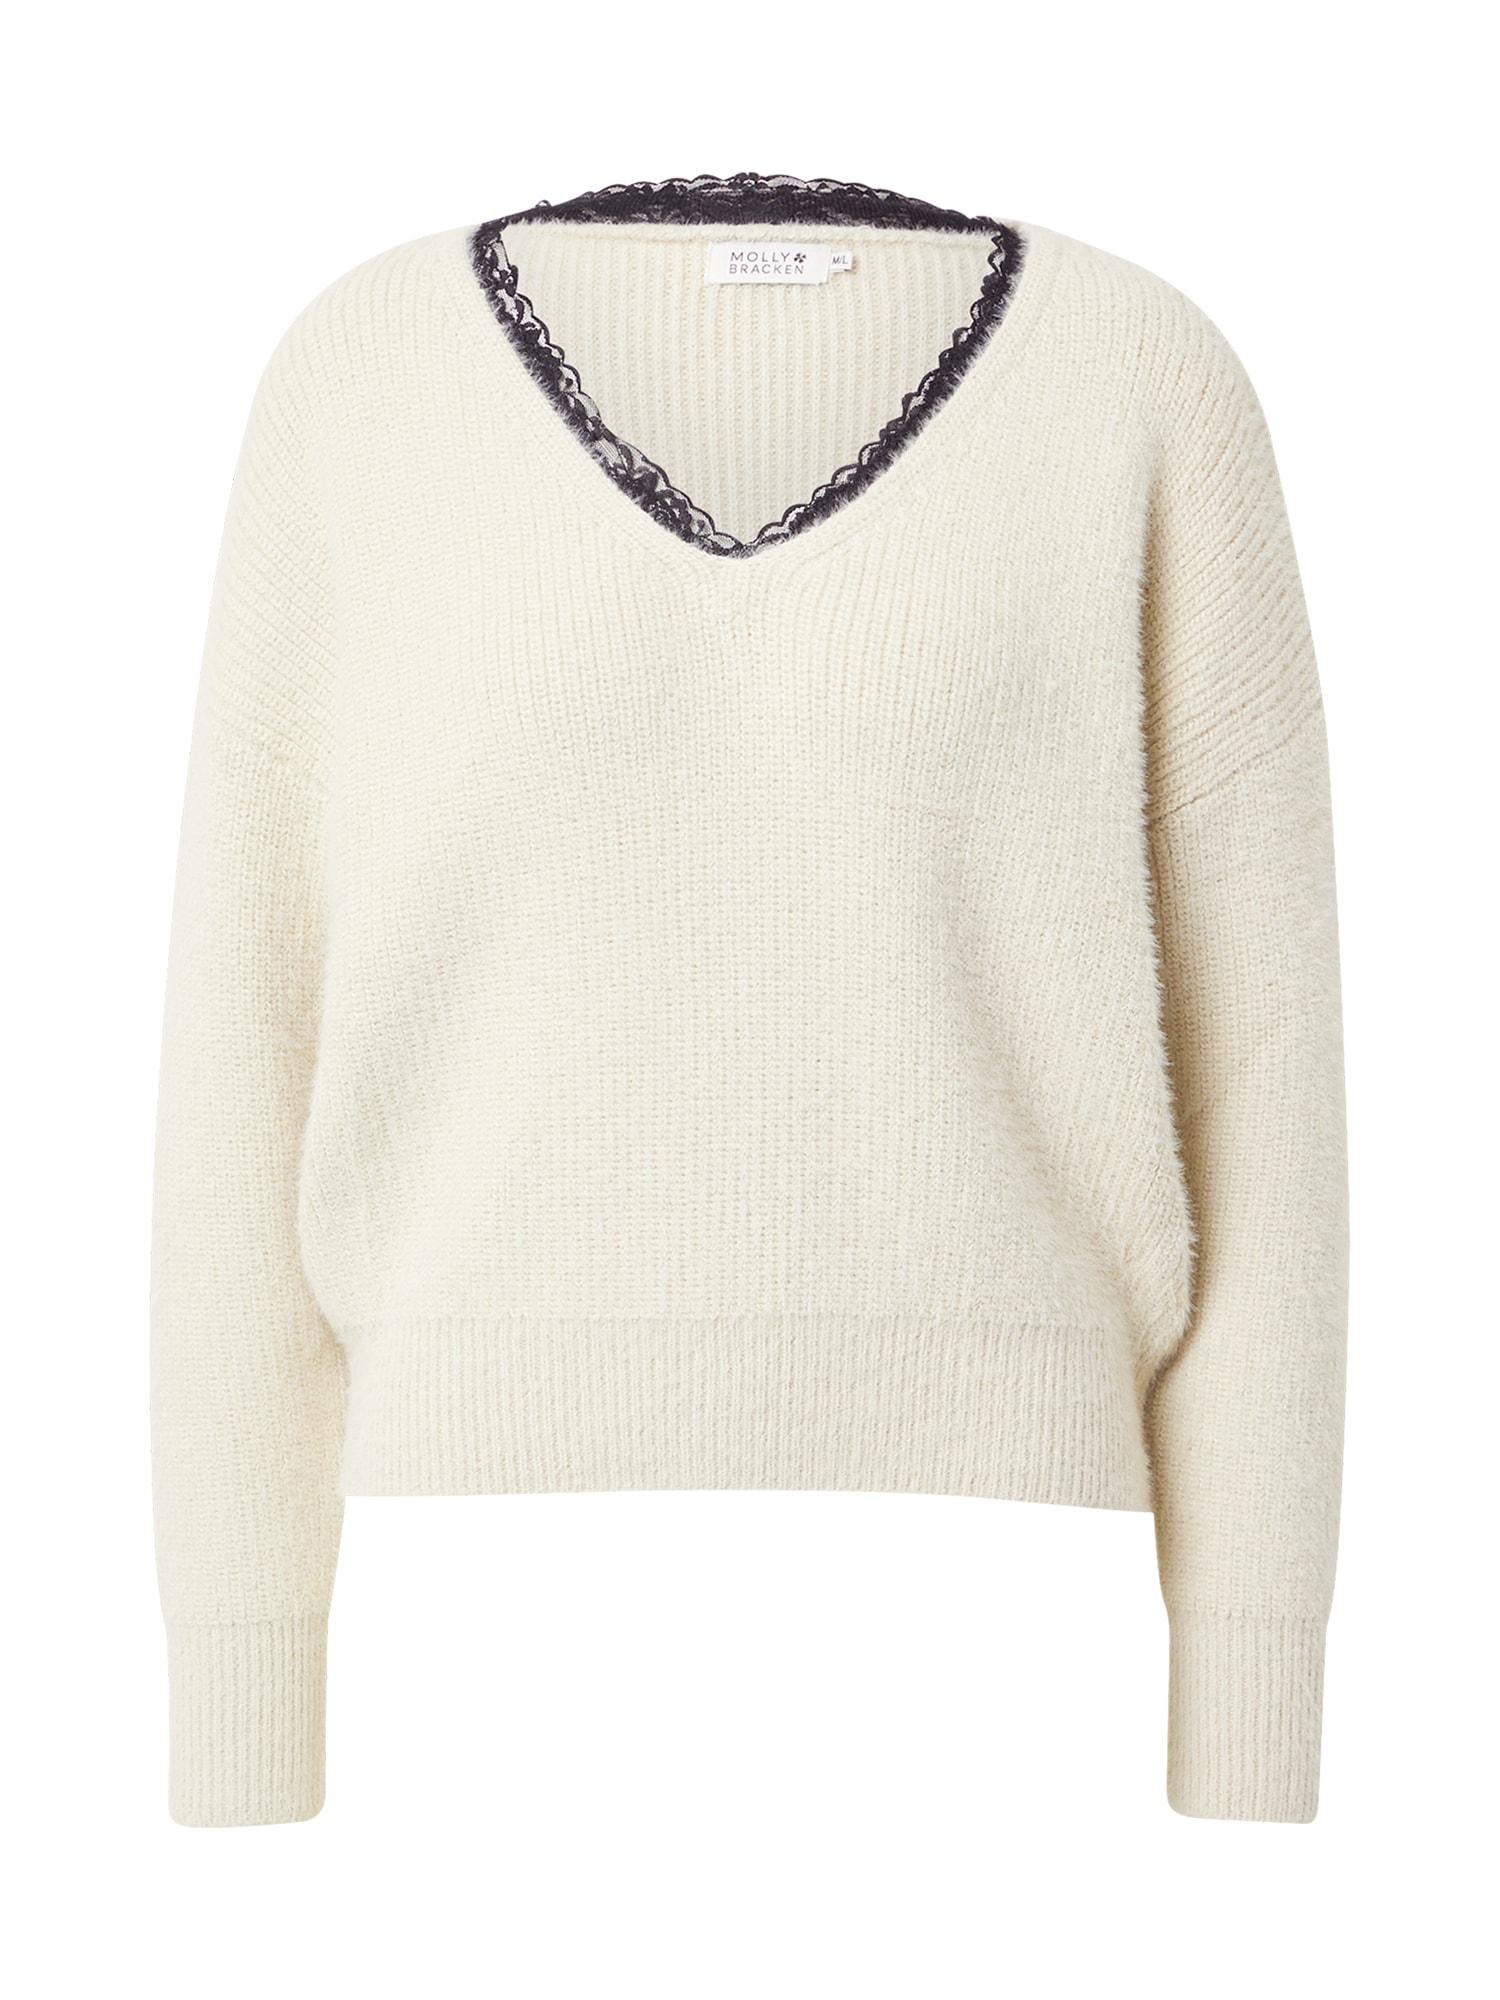 Molly BRACKEN Megztinis